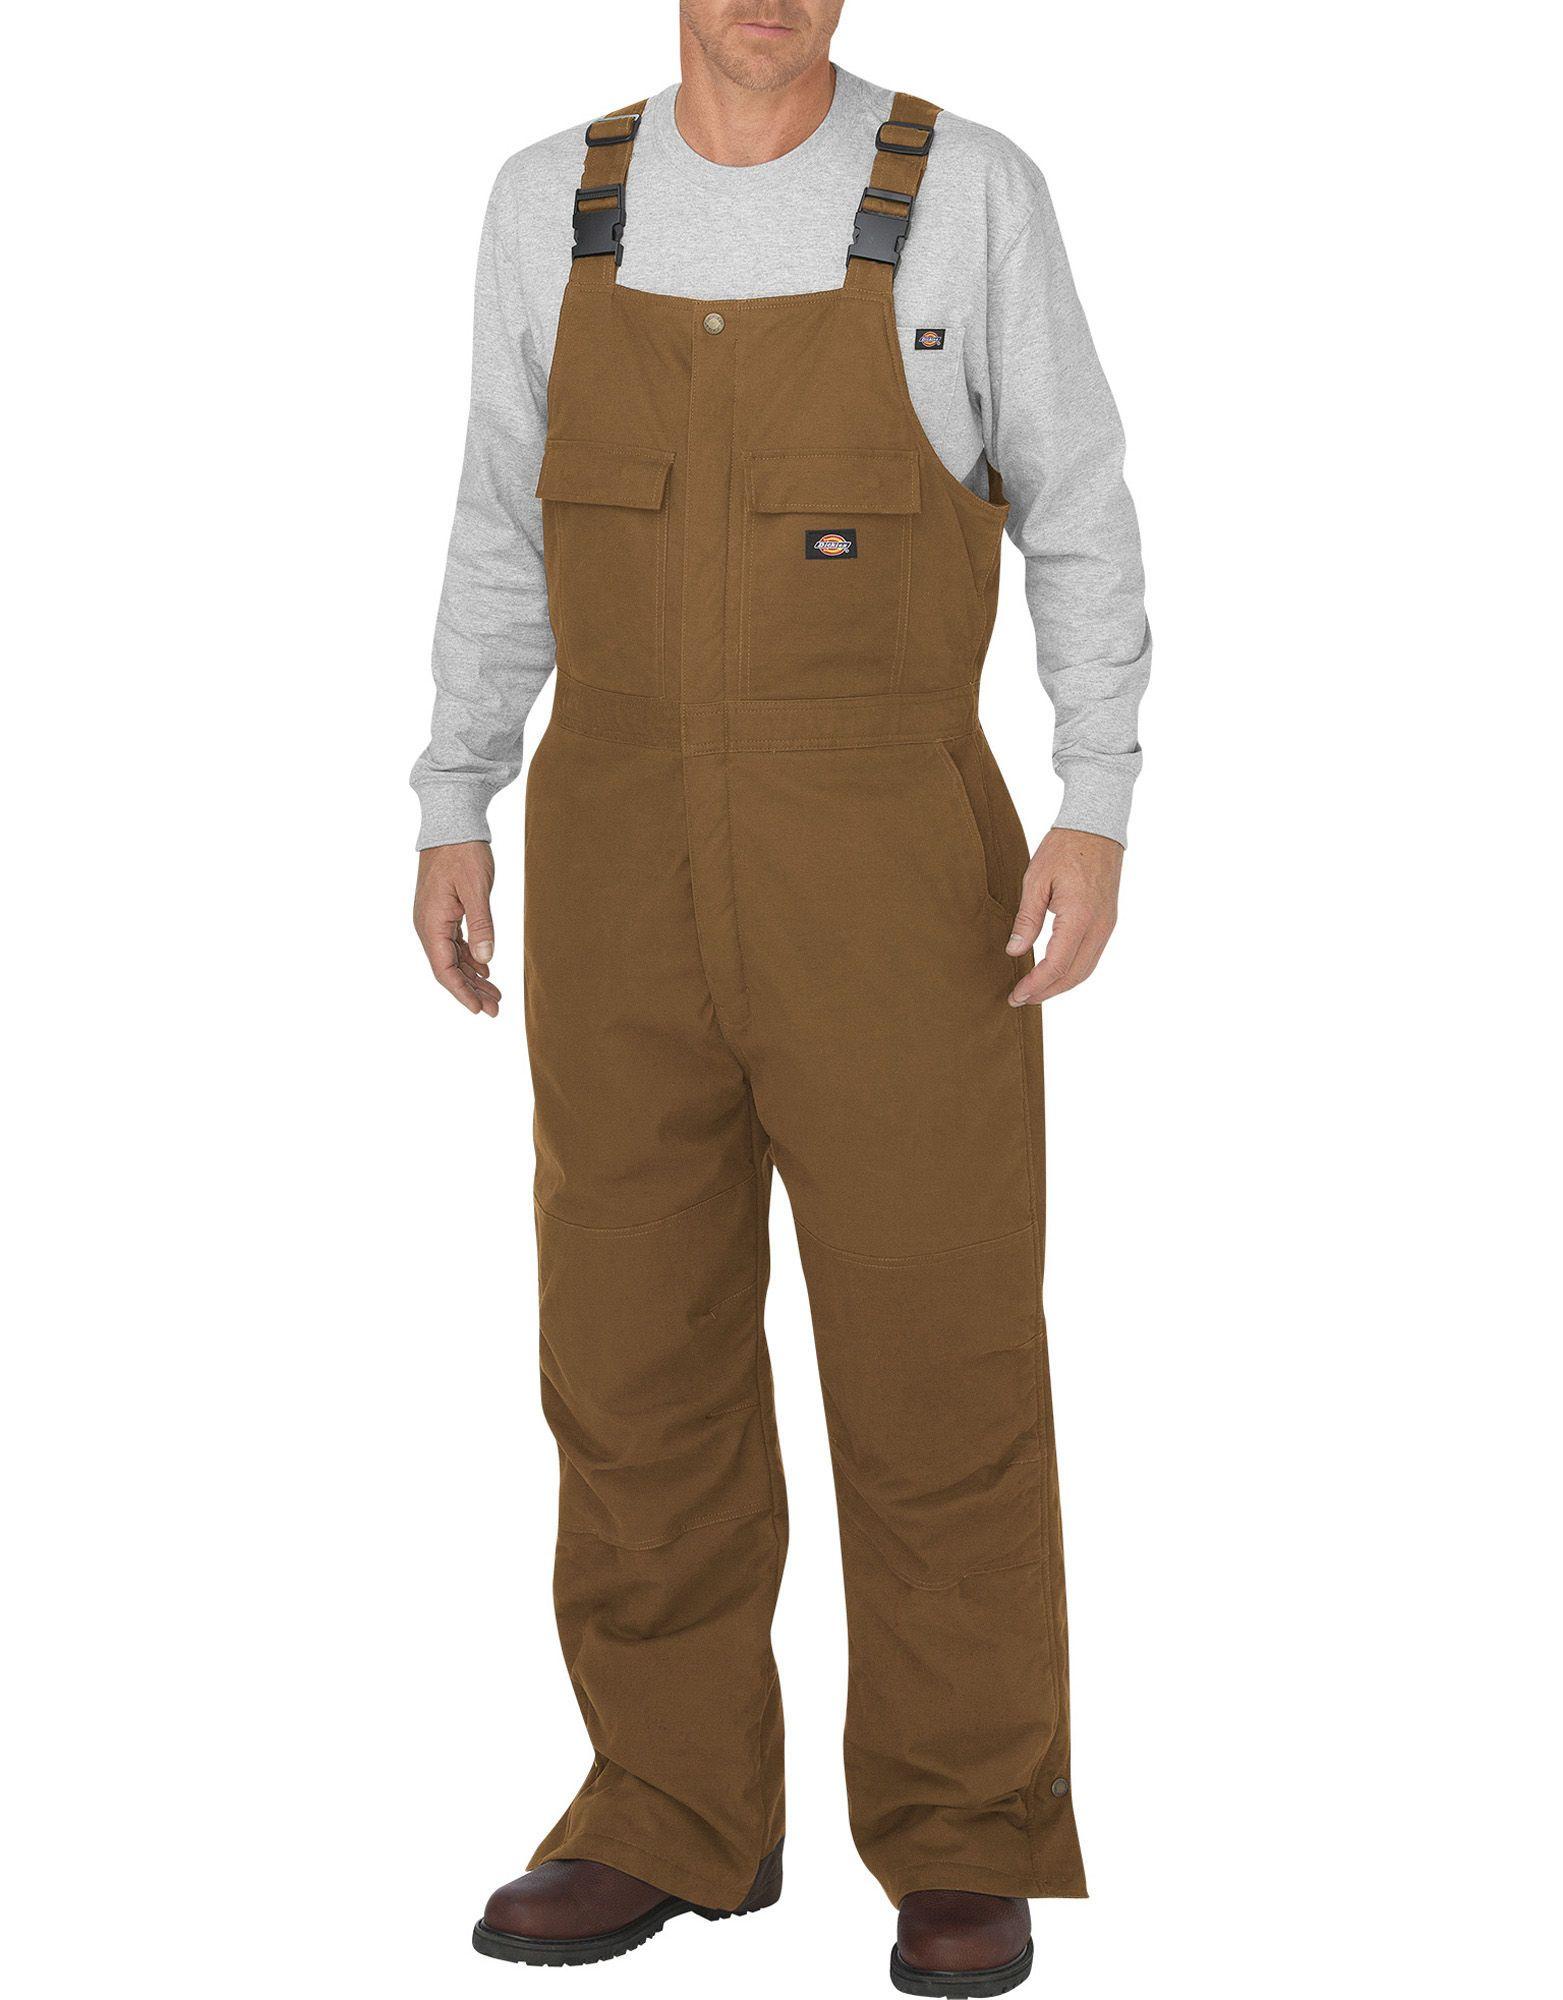 flex sanded stretch duck insulated bib overalls overalls on walls men s insulated hunting coveralls id=72139